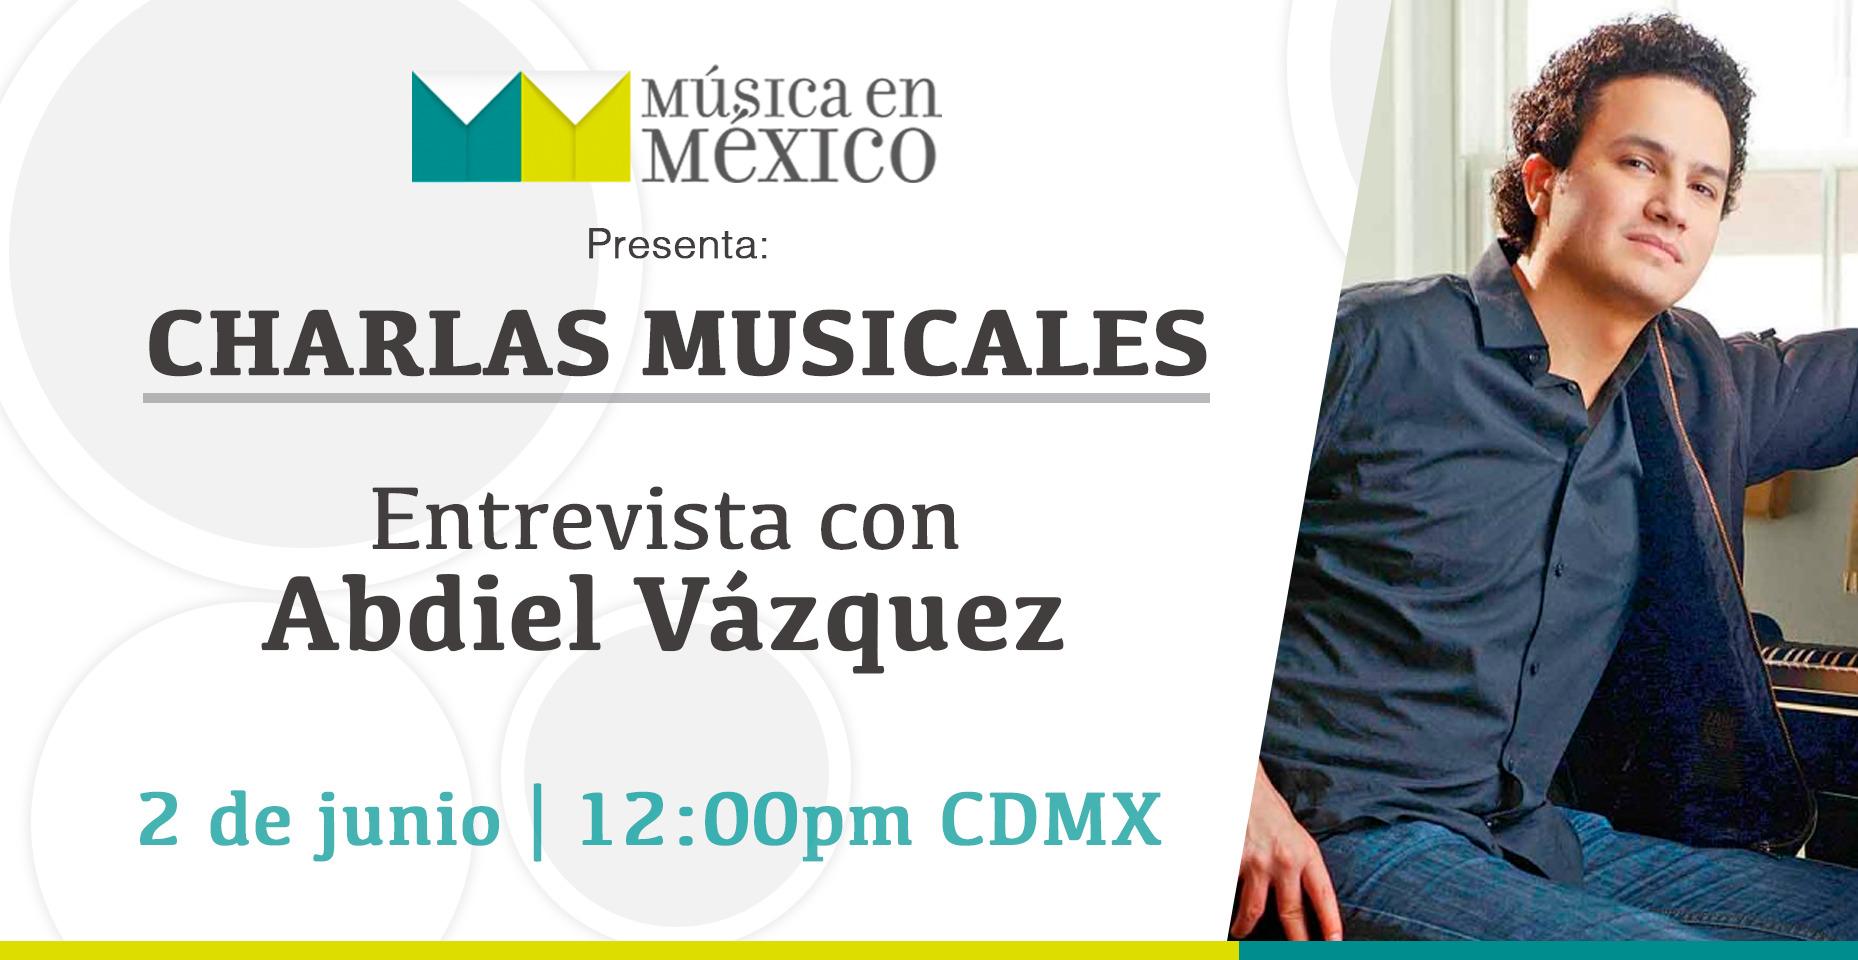 Abdiel Vázquez, entrevista